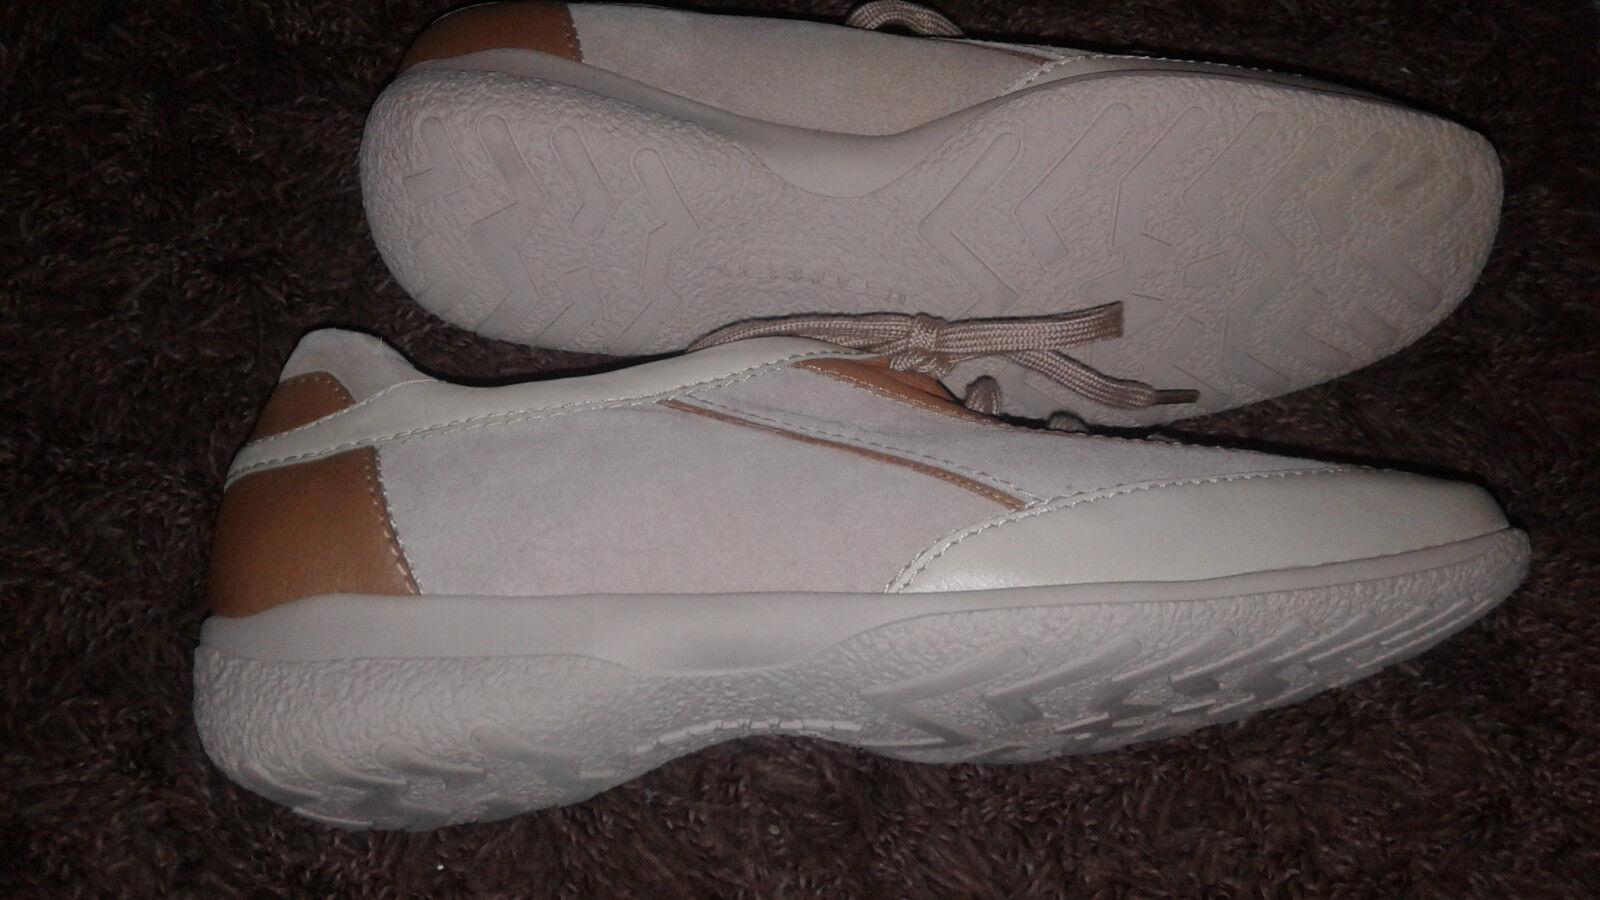 Schöne Schuhe von Verhulst, Größe 7,5 (41) mit auswechselbarer Sohle, neuwertig